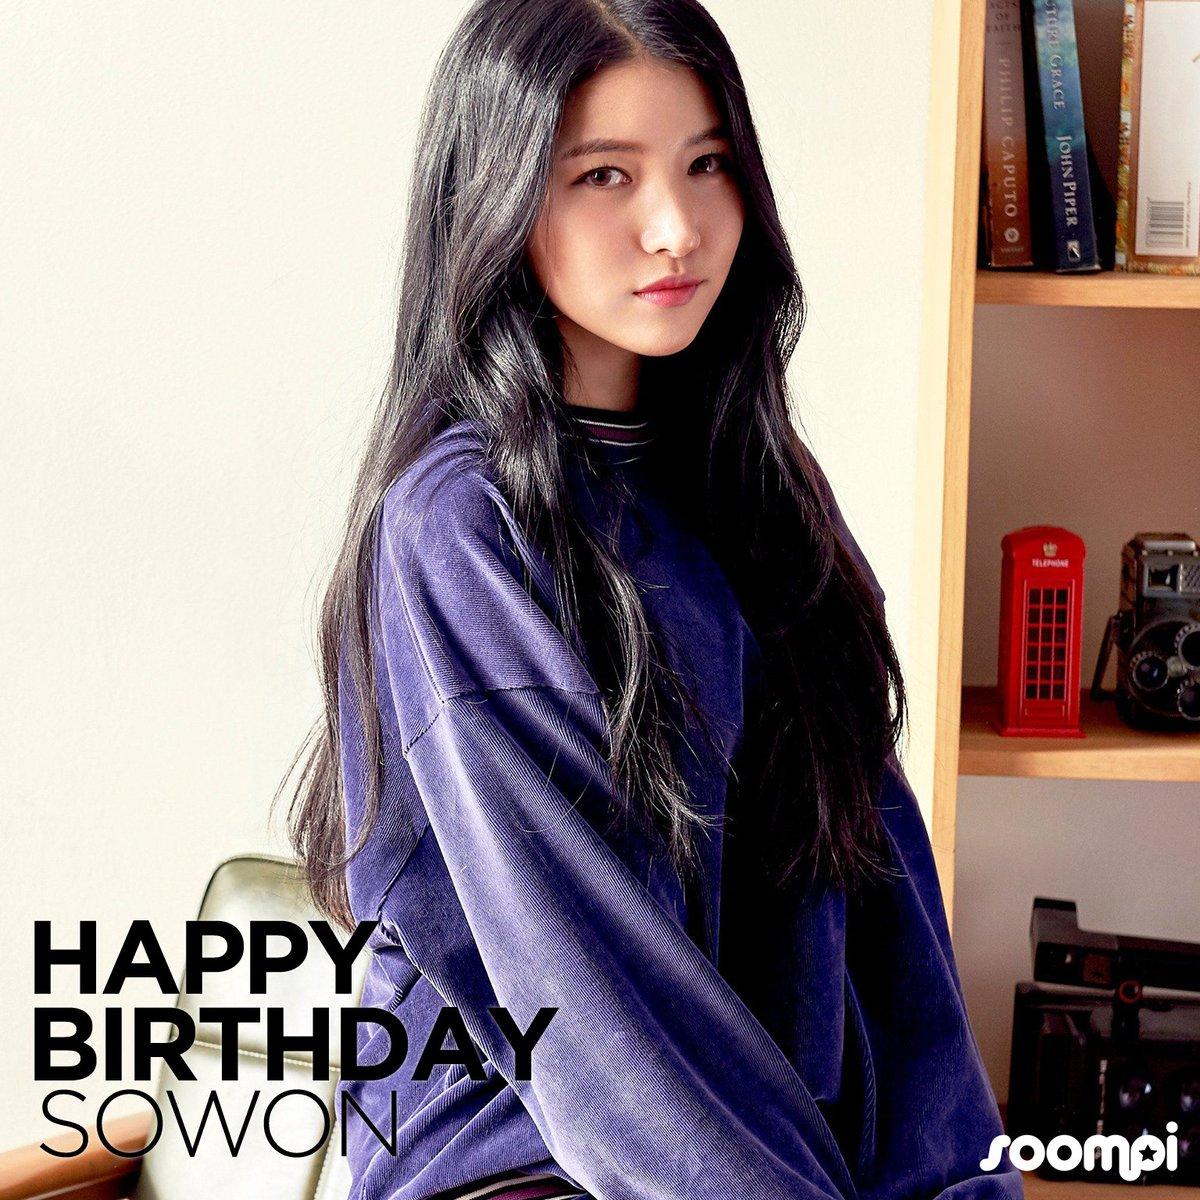 #HappySowonDay Latest News Trends Updates Images - soompi